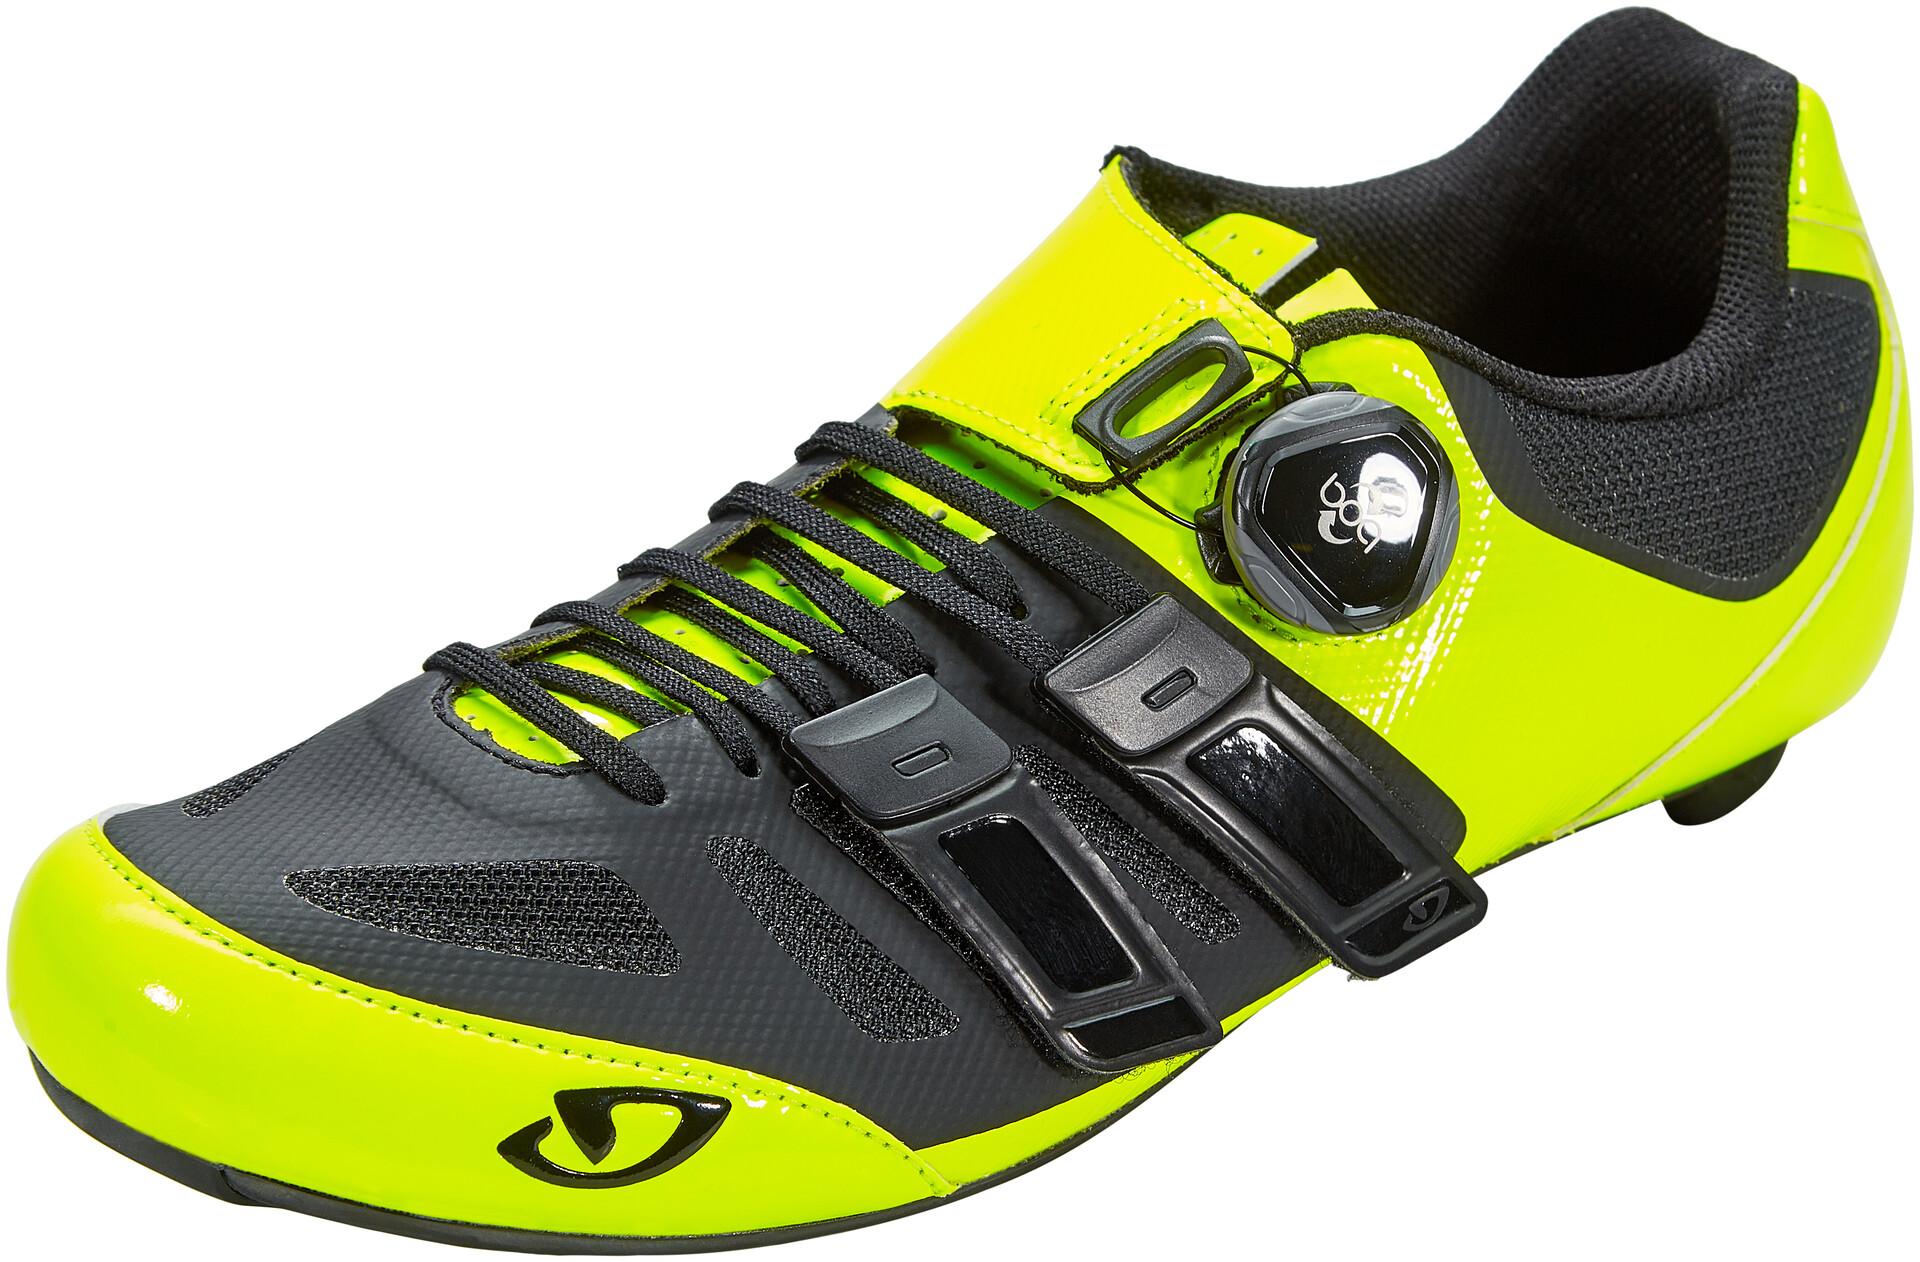 Giro Sentrie Techlace Scarpe Uomo, highlight yellowblack